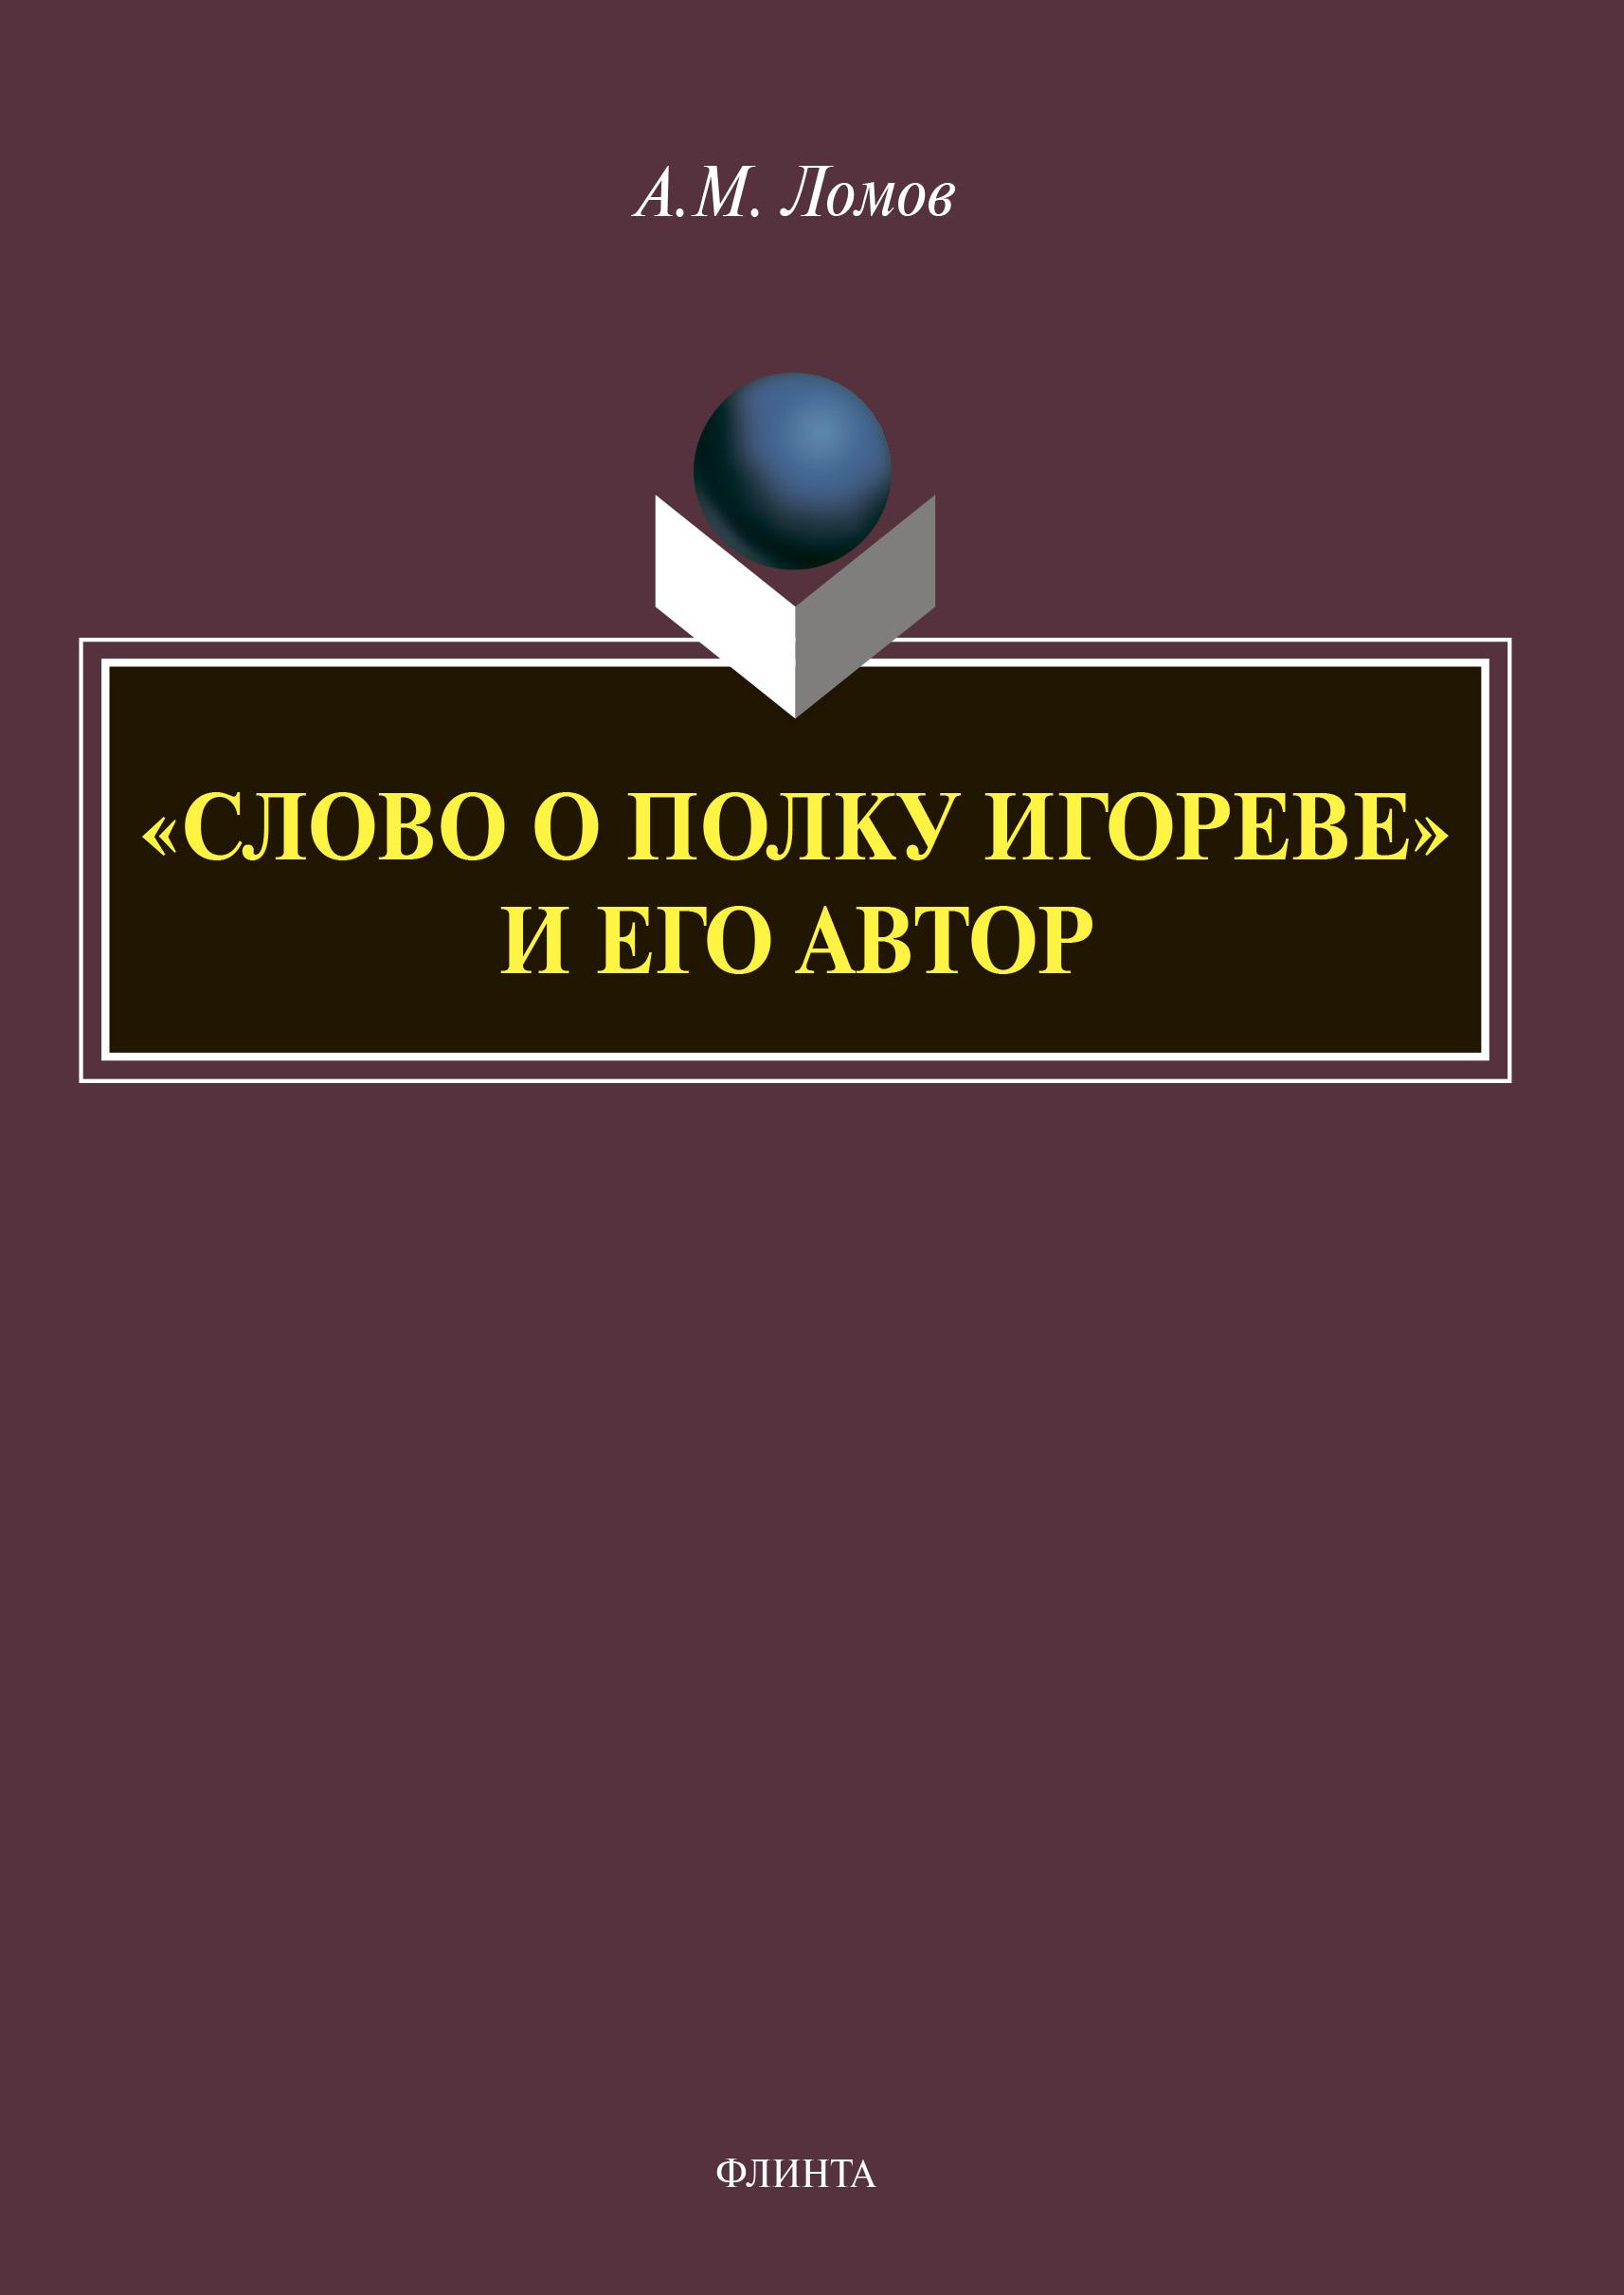 Купить книгу «Слово о полку Игореве» и его автор, автора Анатолия Ломова